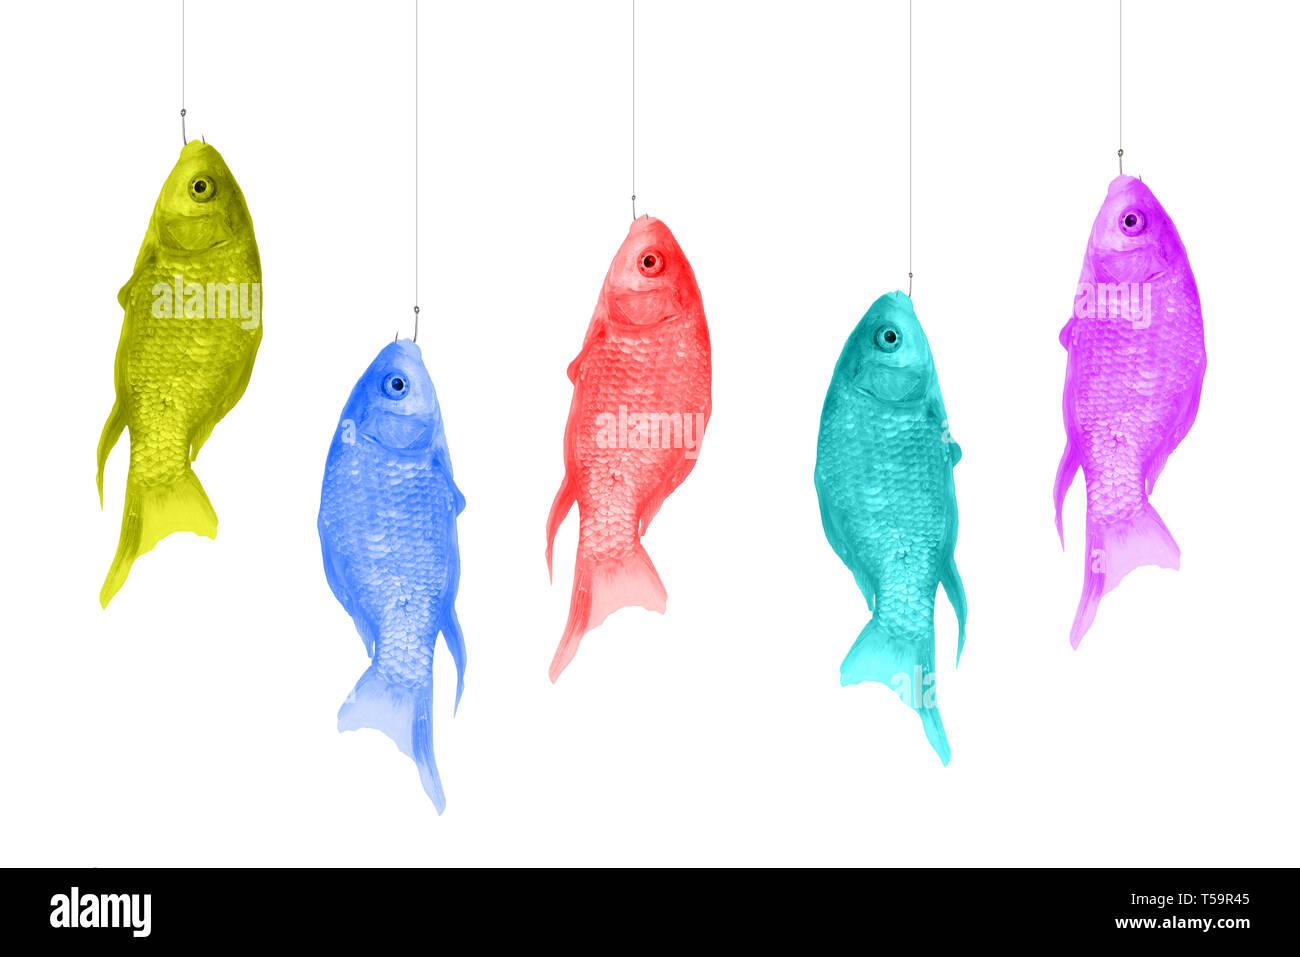 Pesci colorati appesi a ganci. Magliette di colori luminosi su uno sfondo bianco. La Pop art design, concetto creativo. Arte moderna Immagini Stock